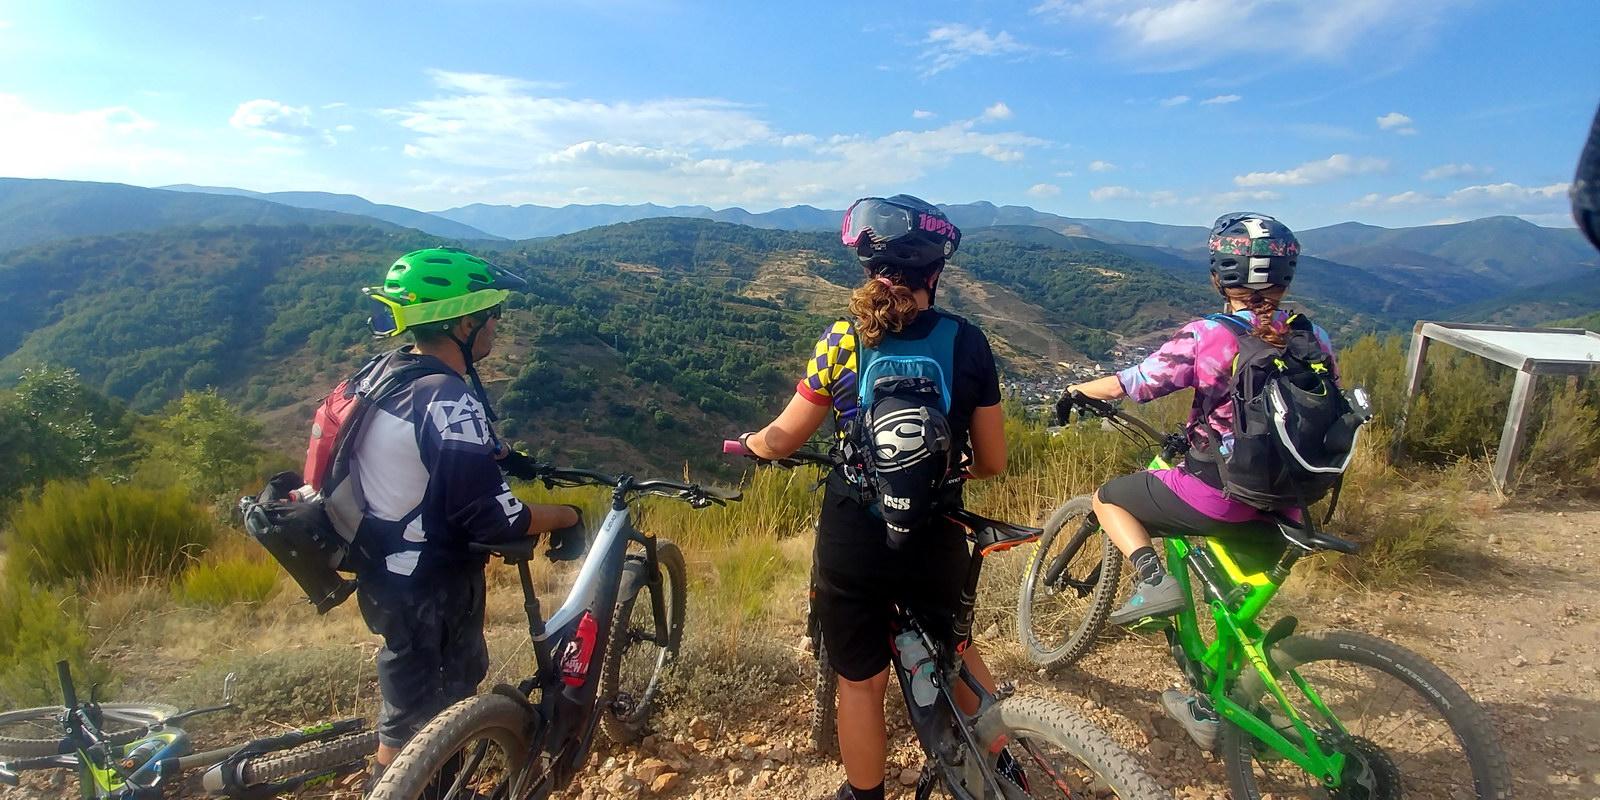 Alquiler de bicicletas eléctricas ebike mountain bike | Rutas con miradores en El Bierzo